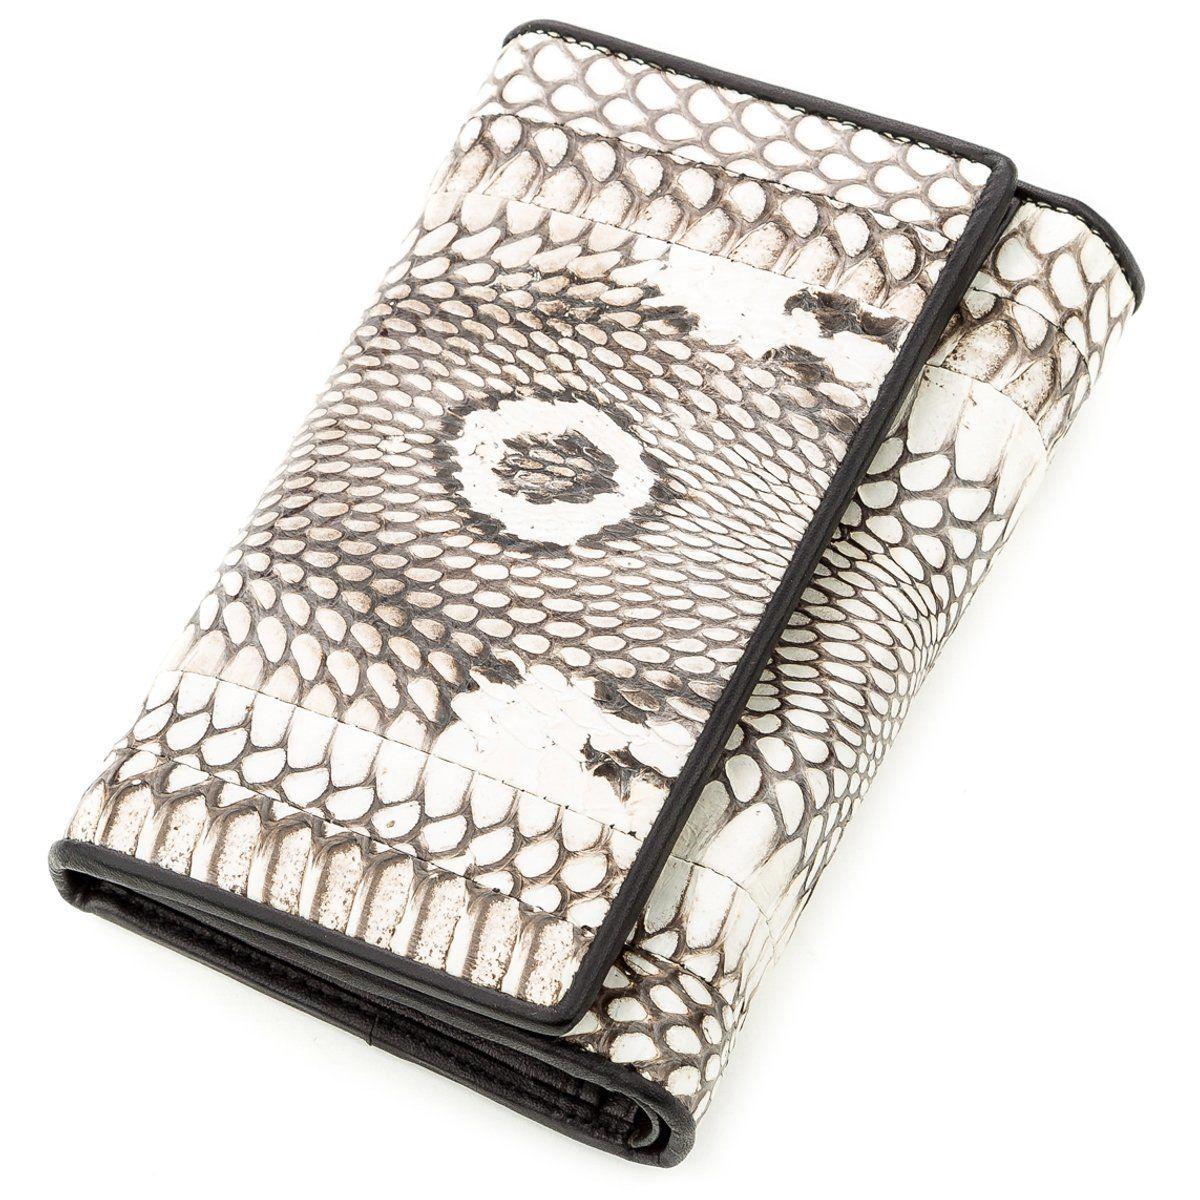 Кошелек Snake Leather 18546 Из Натуральной Кожи Питона Серый, Серый